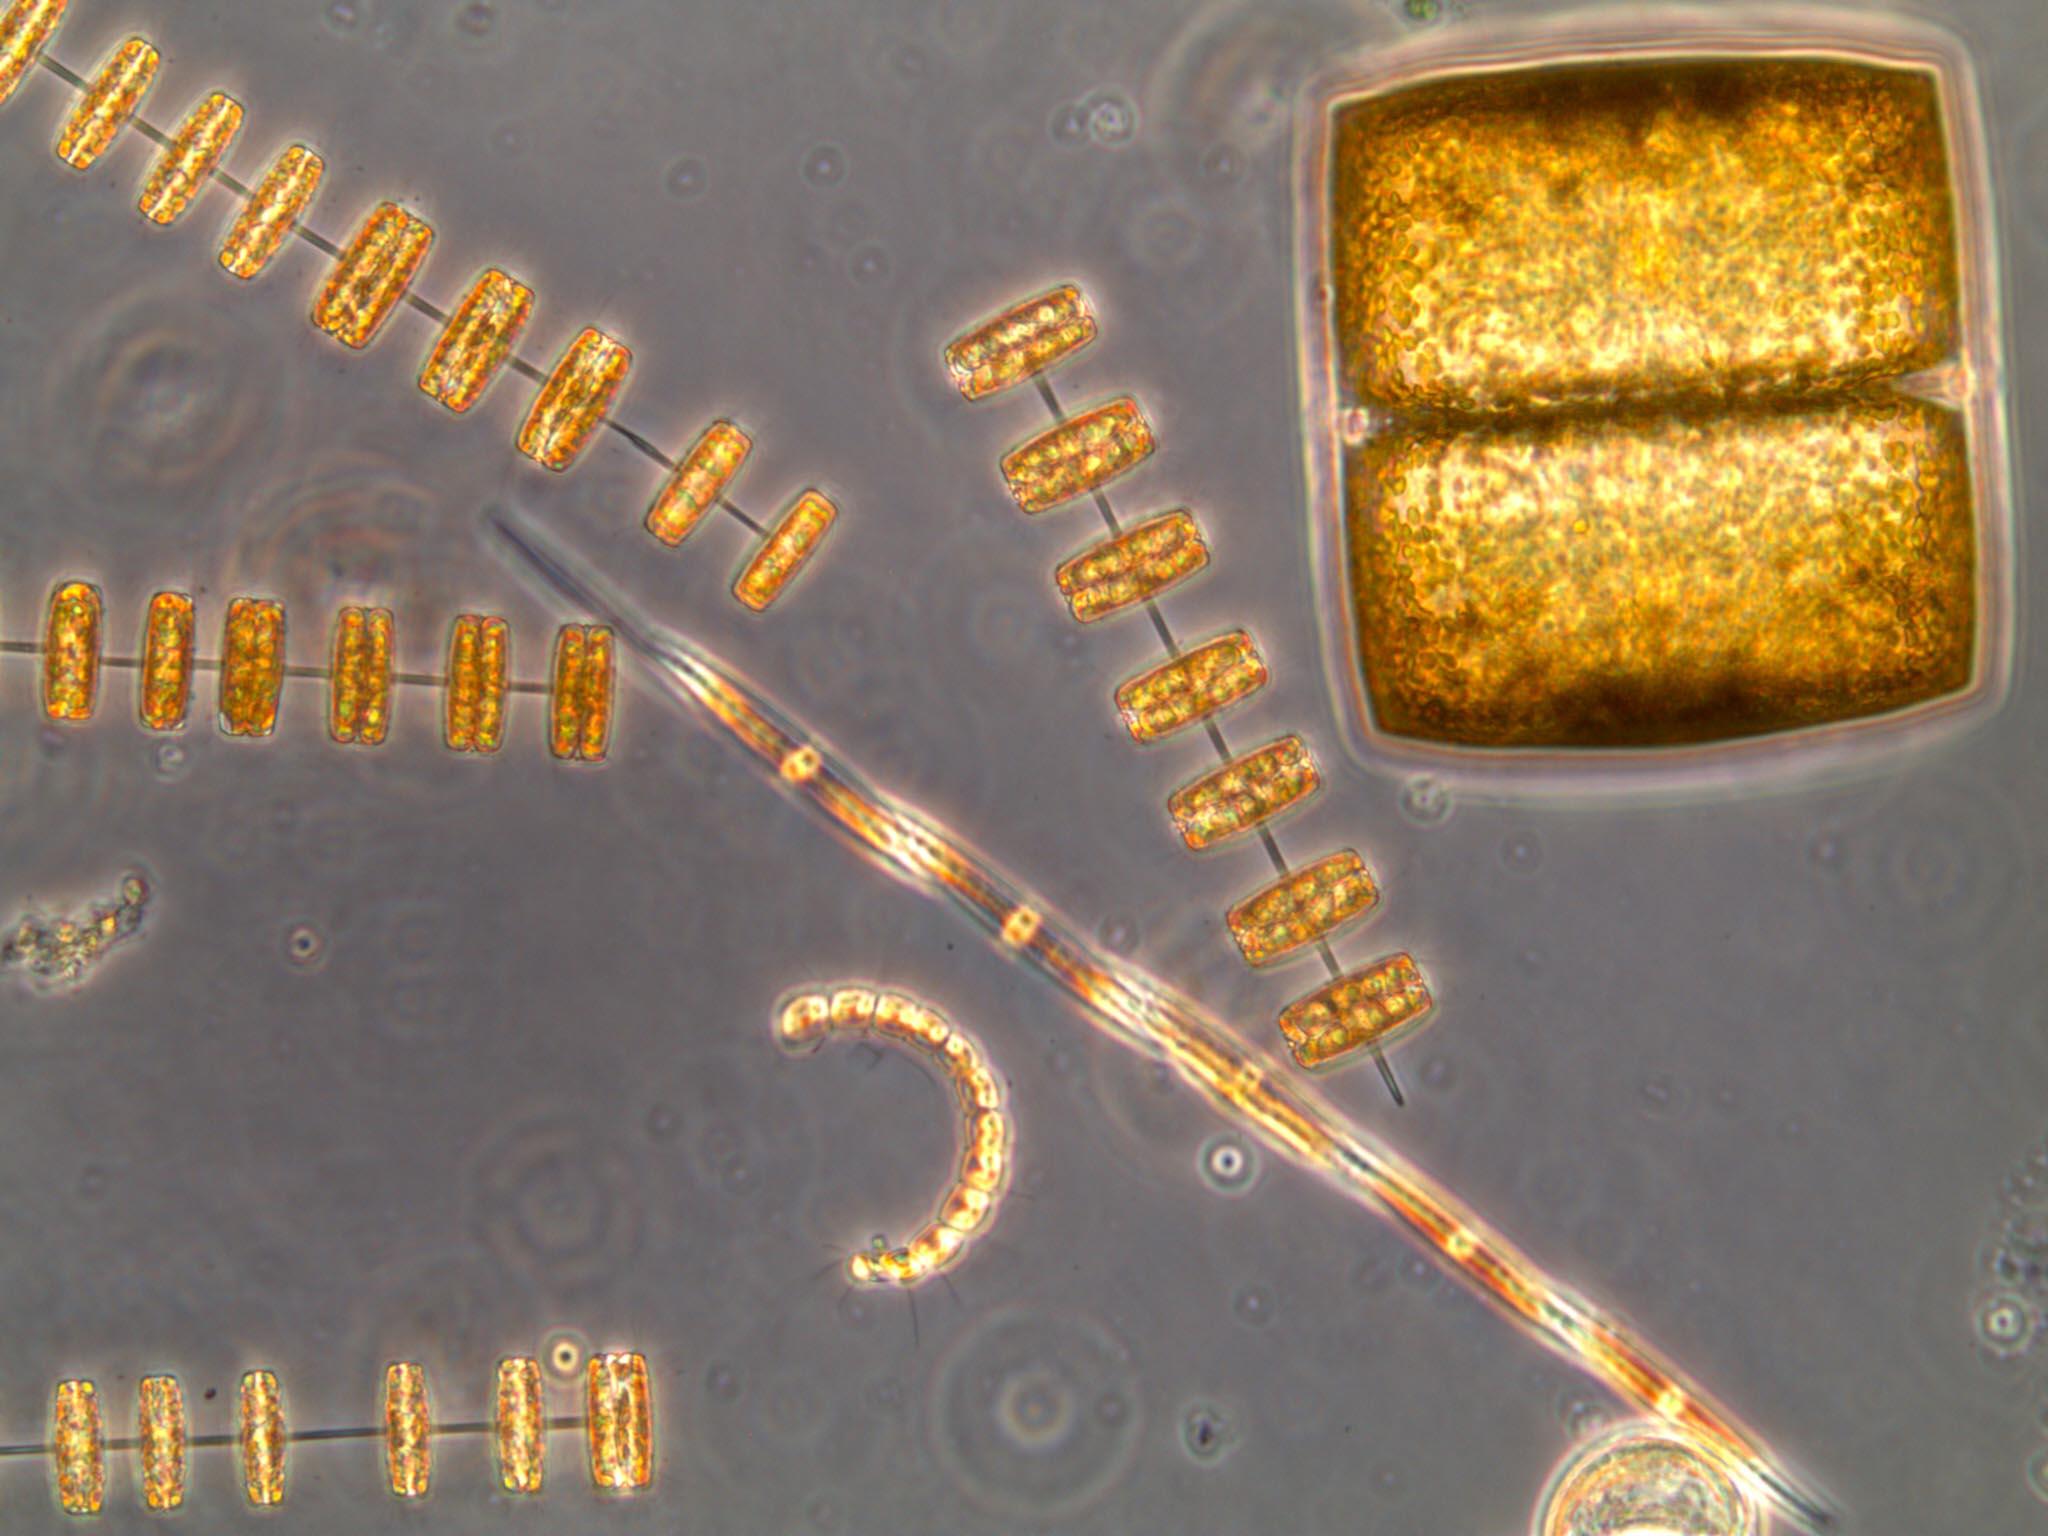 Células de diatomeas observadas al microscopio. Imagen: Isabel G. Teixeira / CSIC